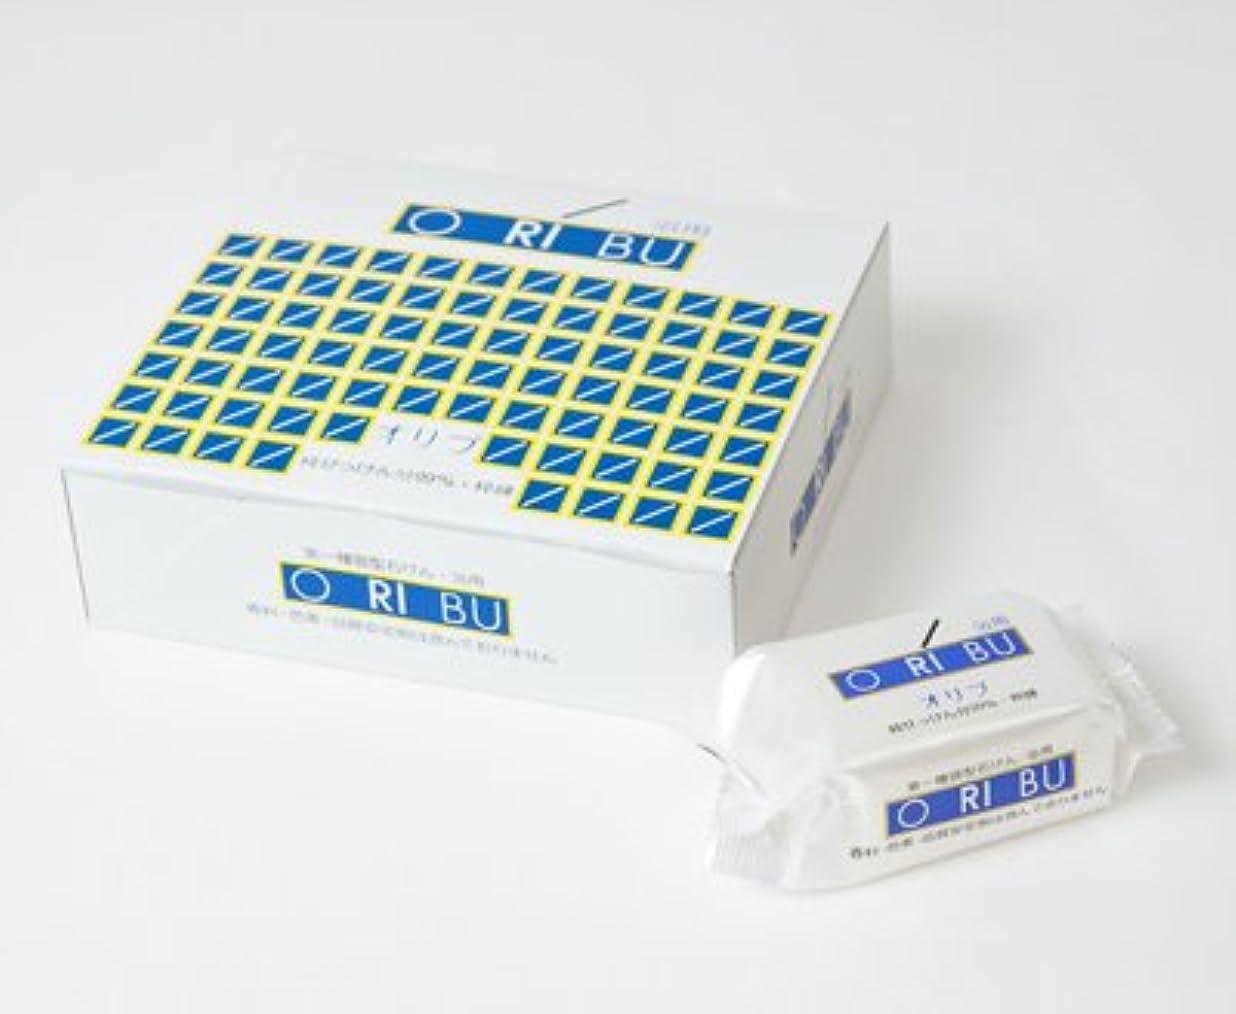 中断動機付けるケイ素暁石鹸 ORIBU オリブ浴用石けん 1箱 (110g×10個入) 泡立てネット付き